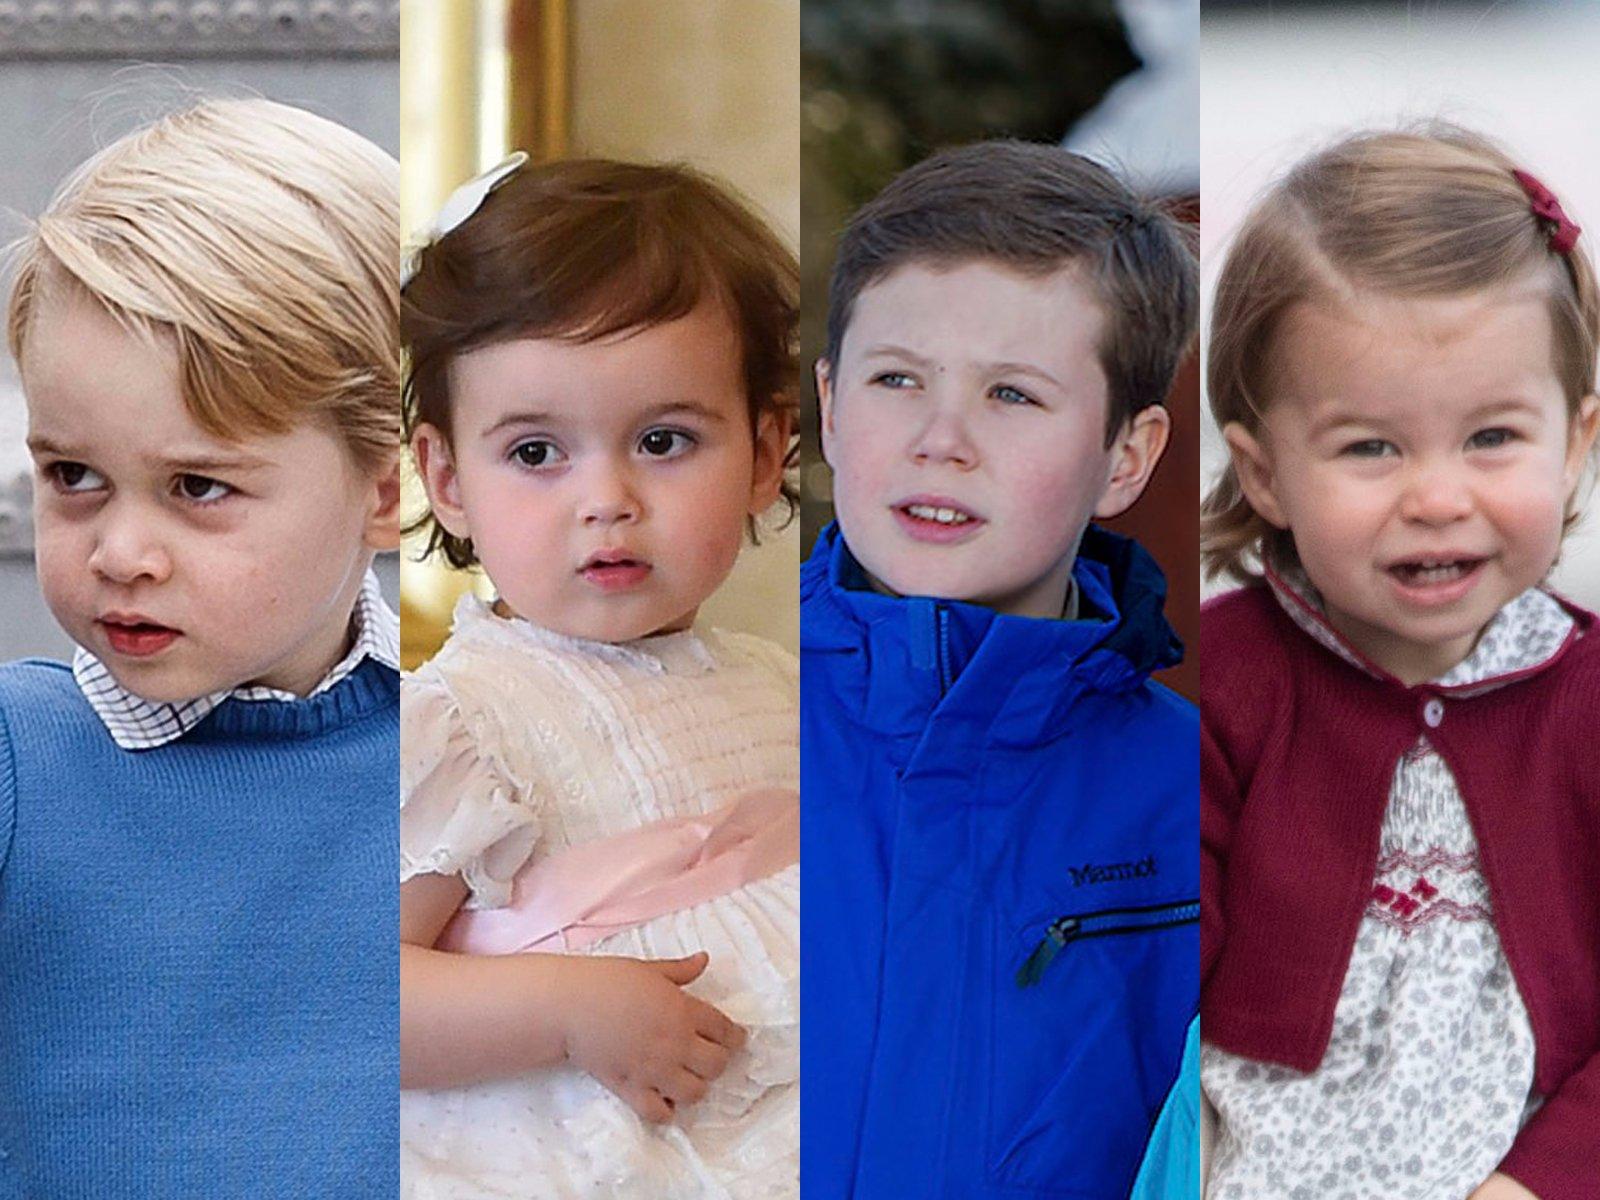 Từ trái sang: Hoàng tử George, Công chúa Amalia, Hoàng tử Christian, và Công chúa Charlotte. (Ảnh: Getty/Chris Jackson, Harold Cunningham; AP/Gabriel Buoys)